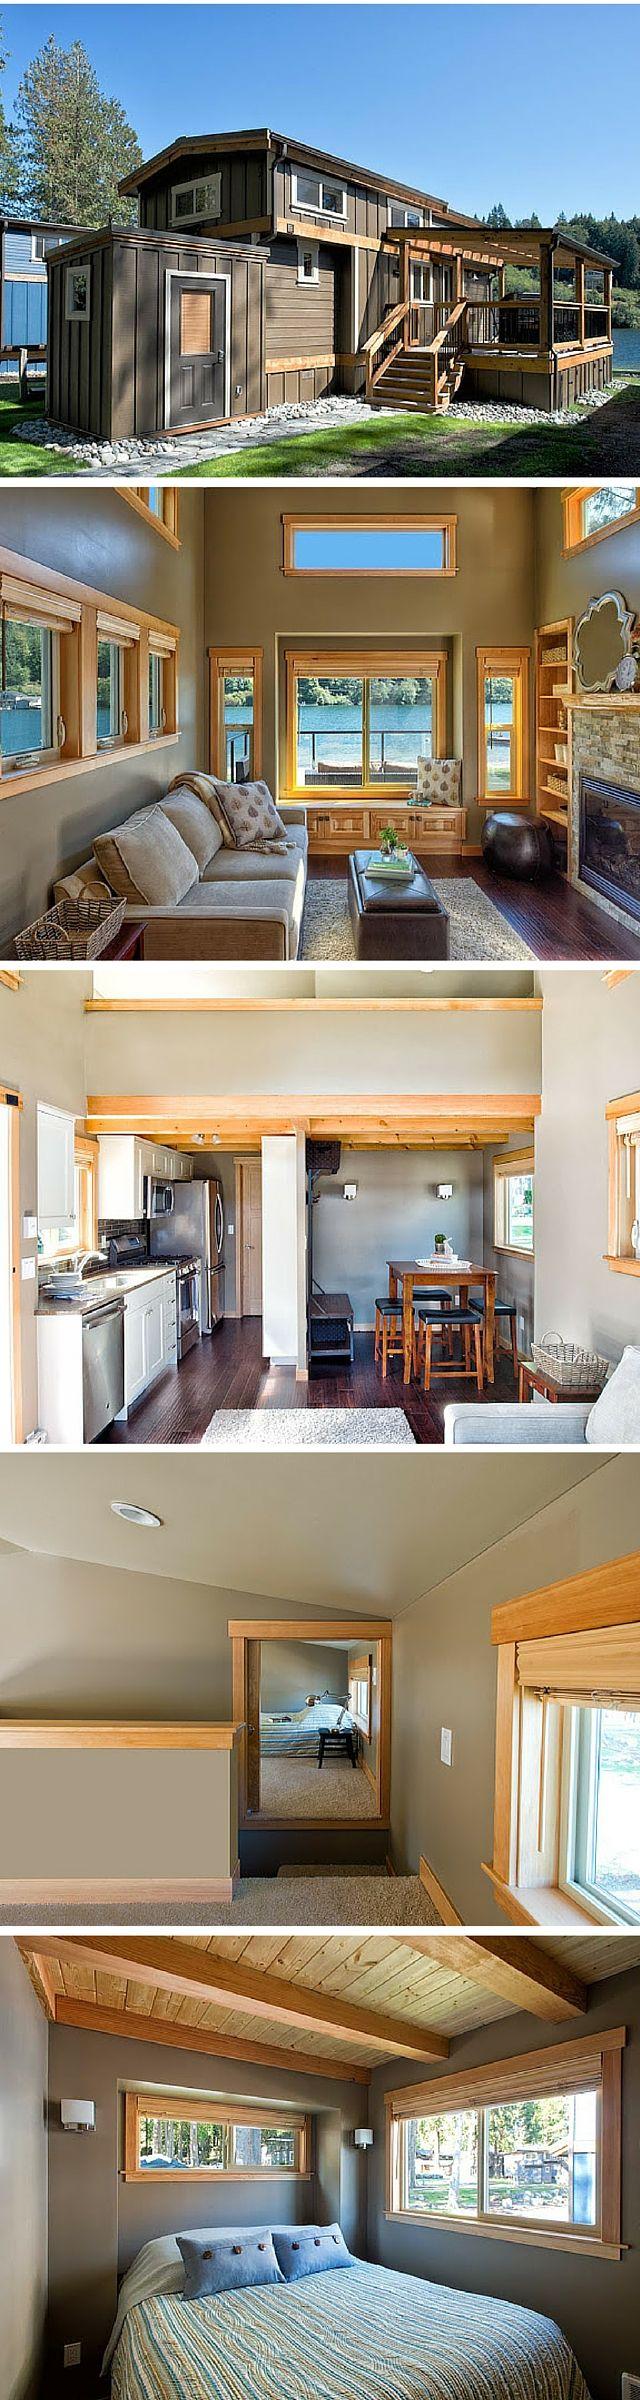 Small Luxury Lake Homes